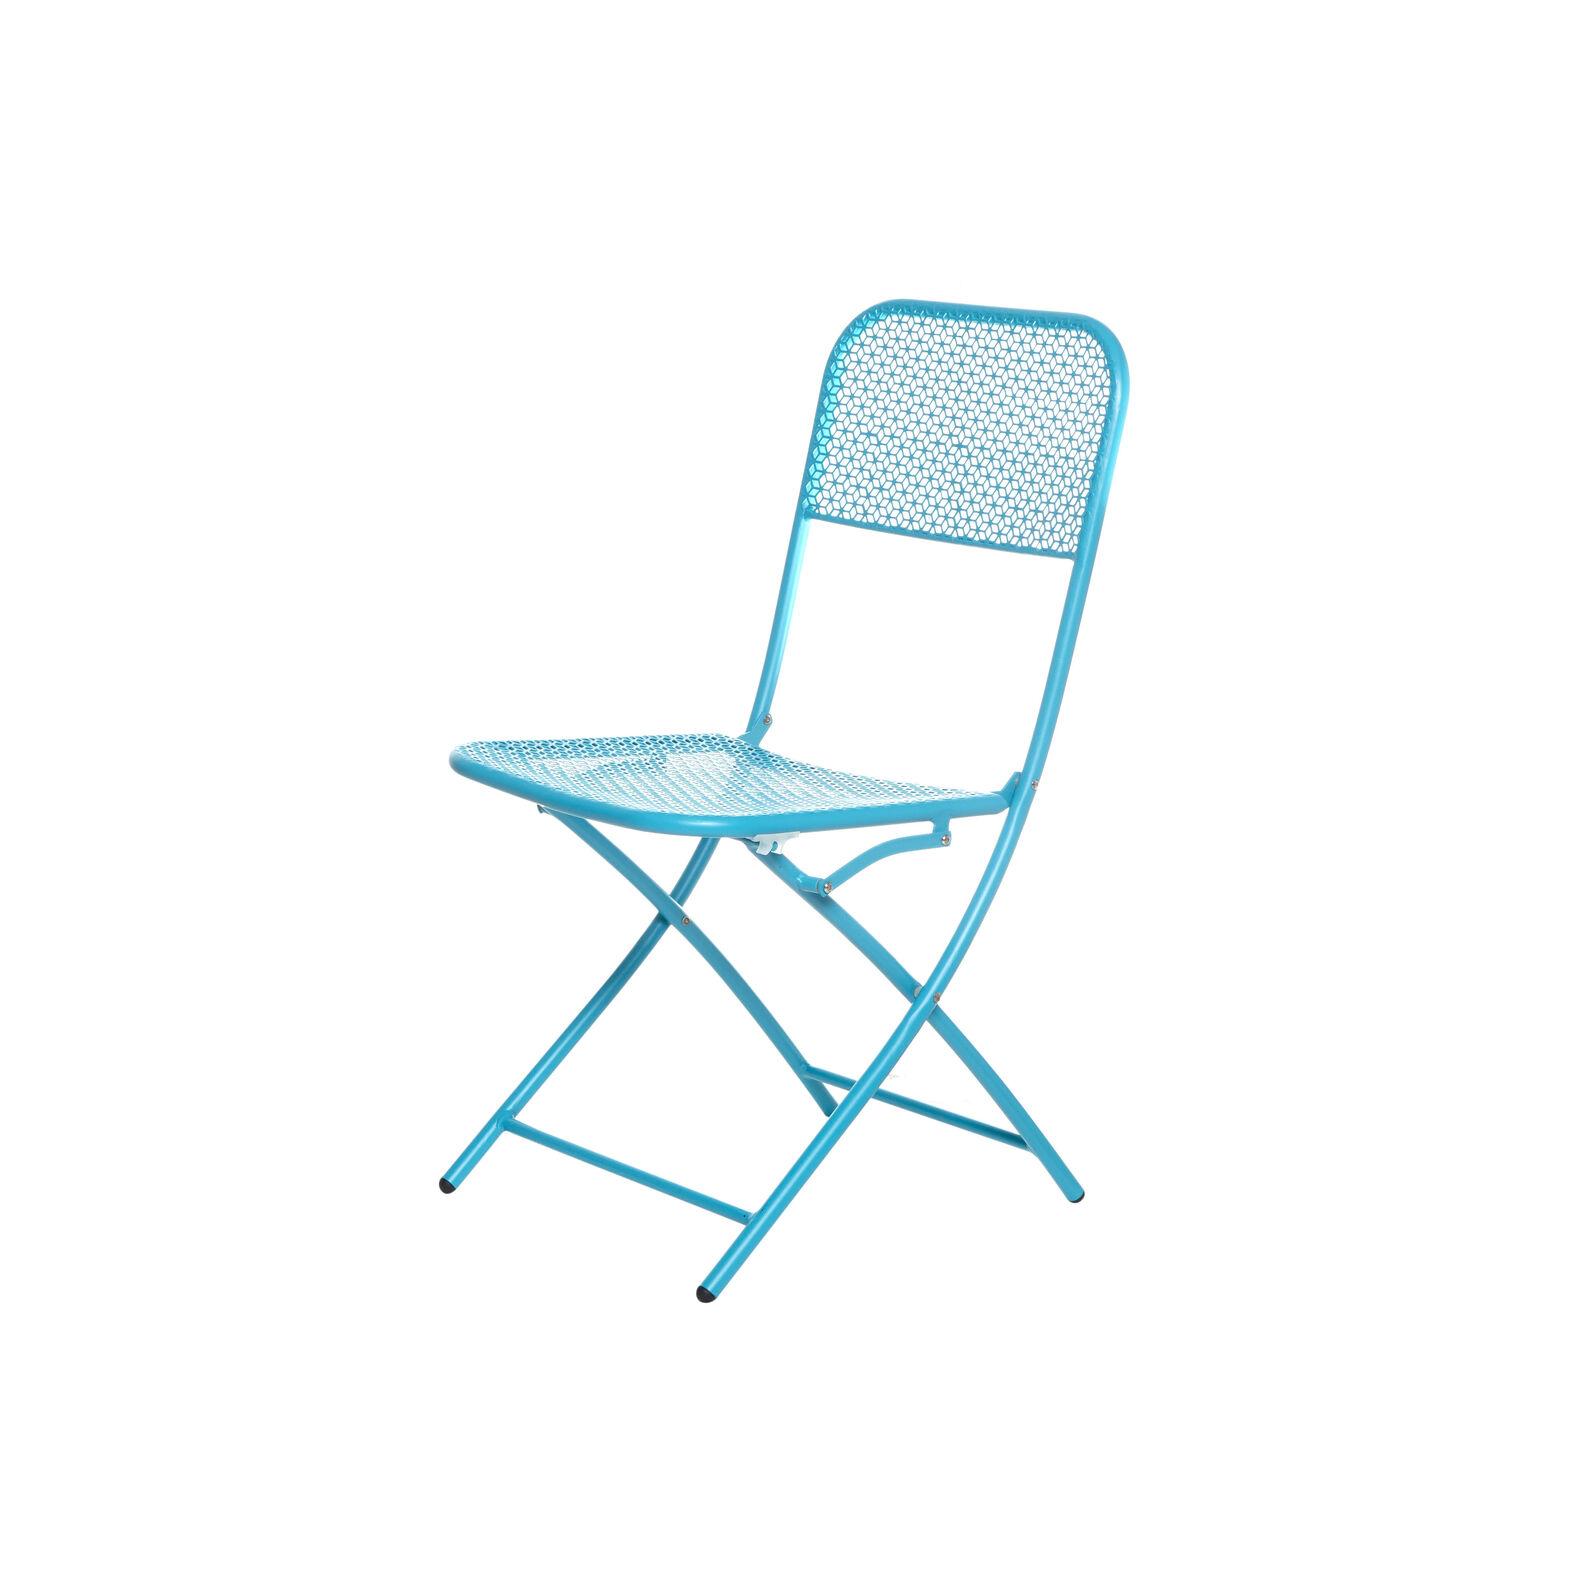 Folding steel chair.